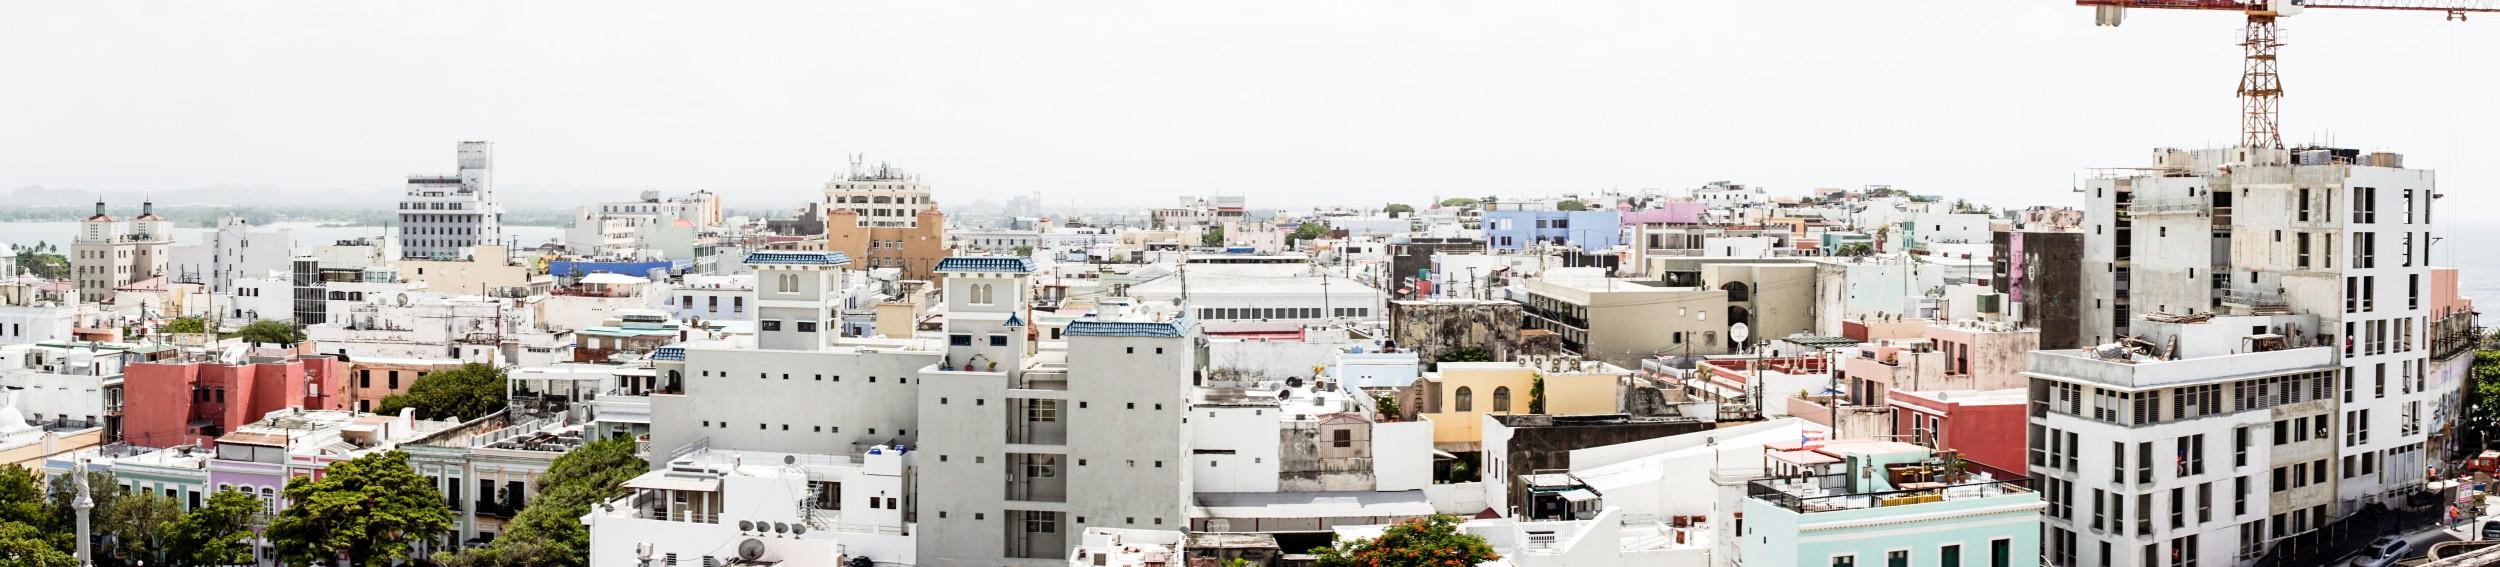 San Juan Panoramic Photo